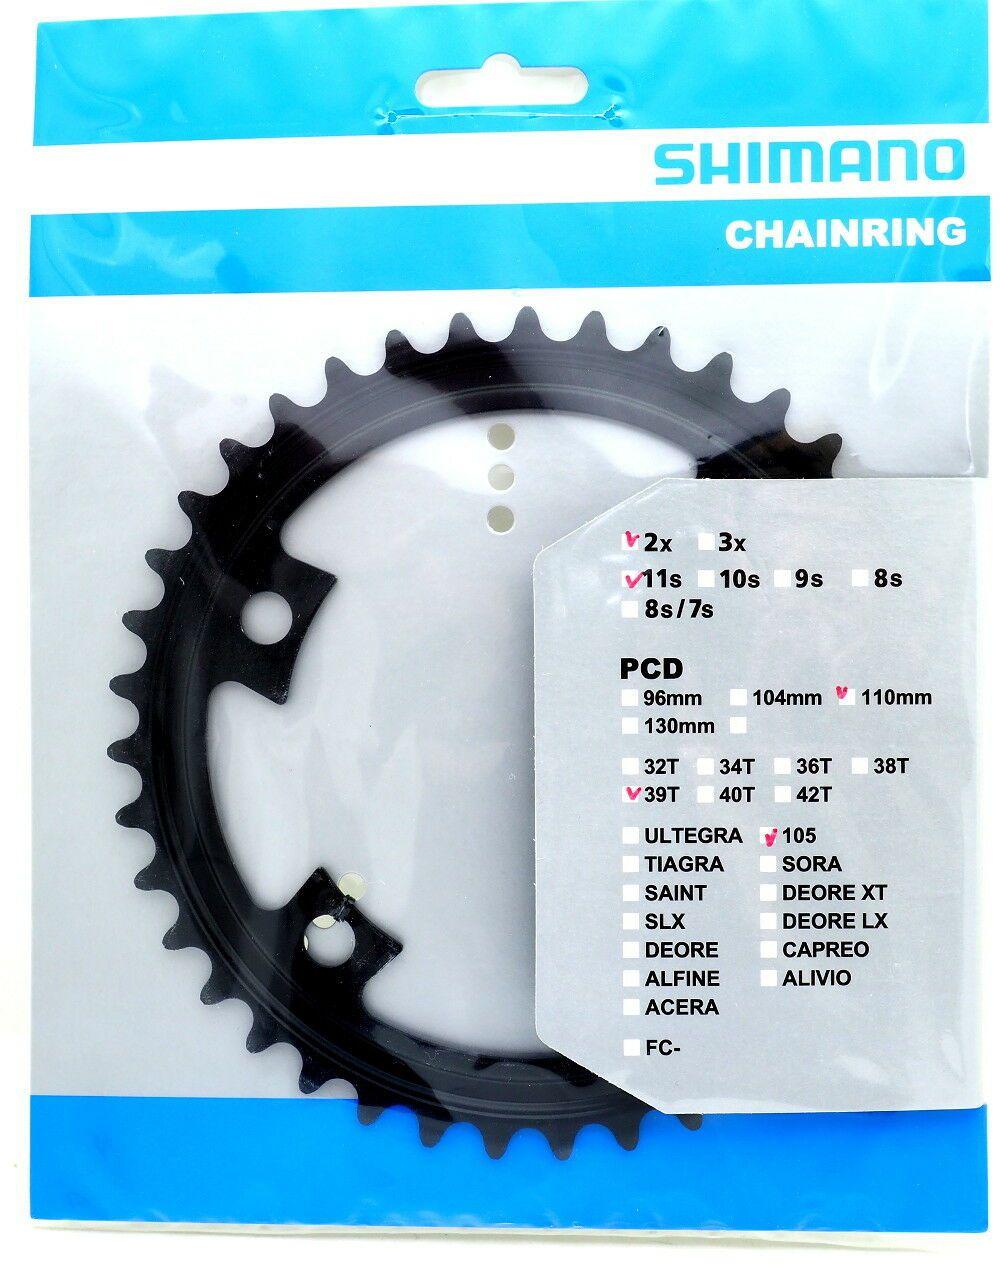 Coroa Speed Shimano 105 R7000 39 dentes 4 furos Bcd 110 11 Velocidades